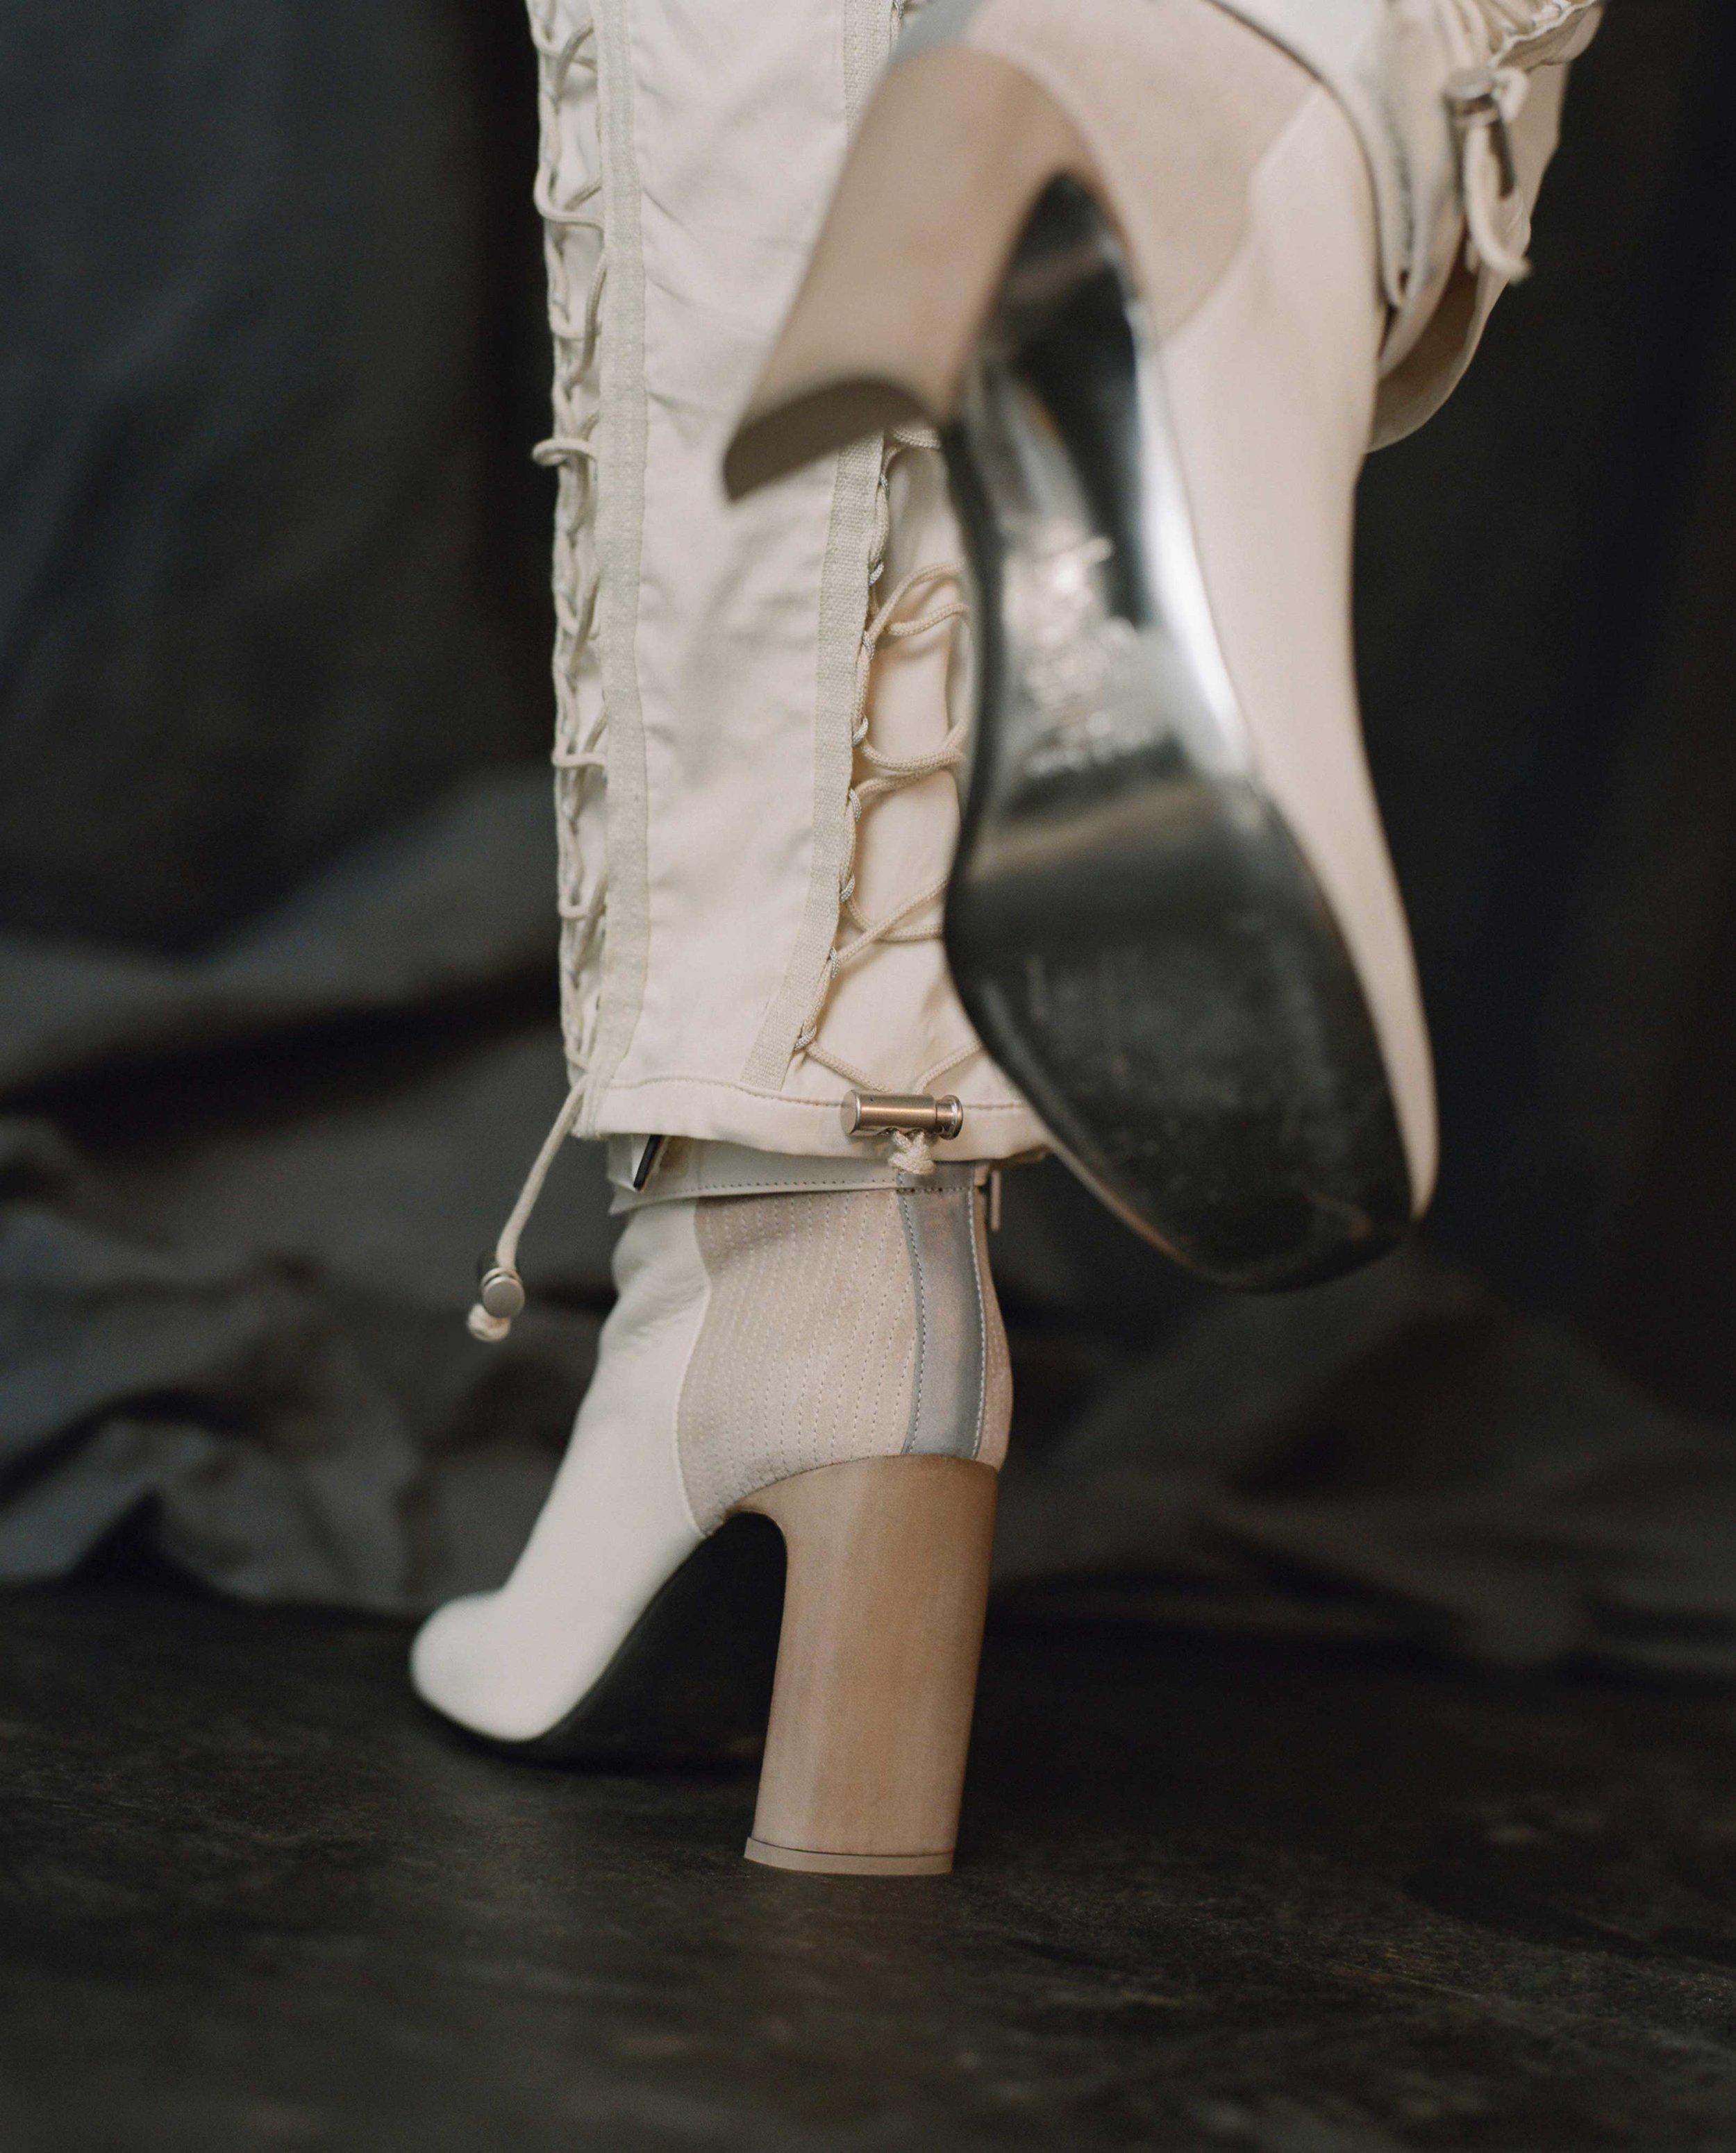 RAG_BONE_Ellis-Force-Boot-in-Rebellion-and-Echo-Pant-in-Hoth.jpg